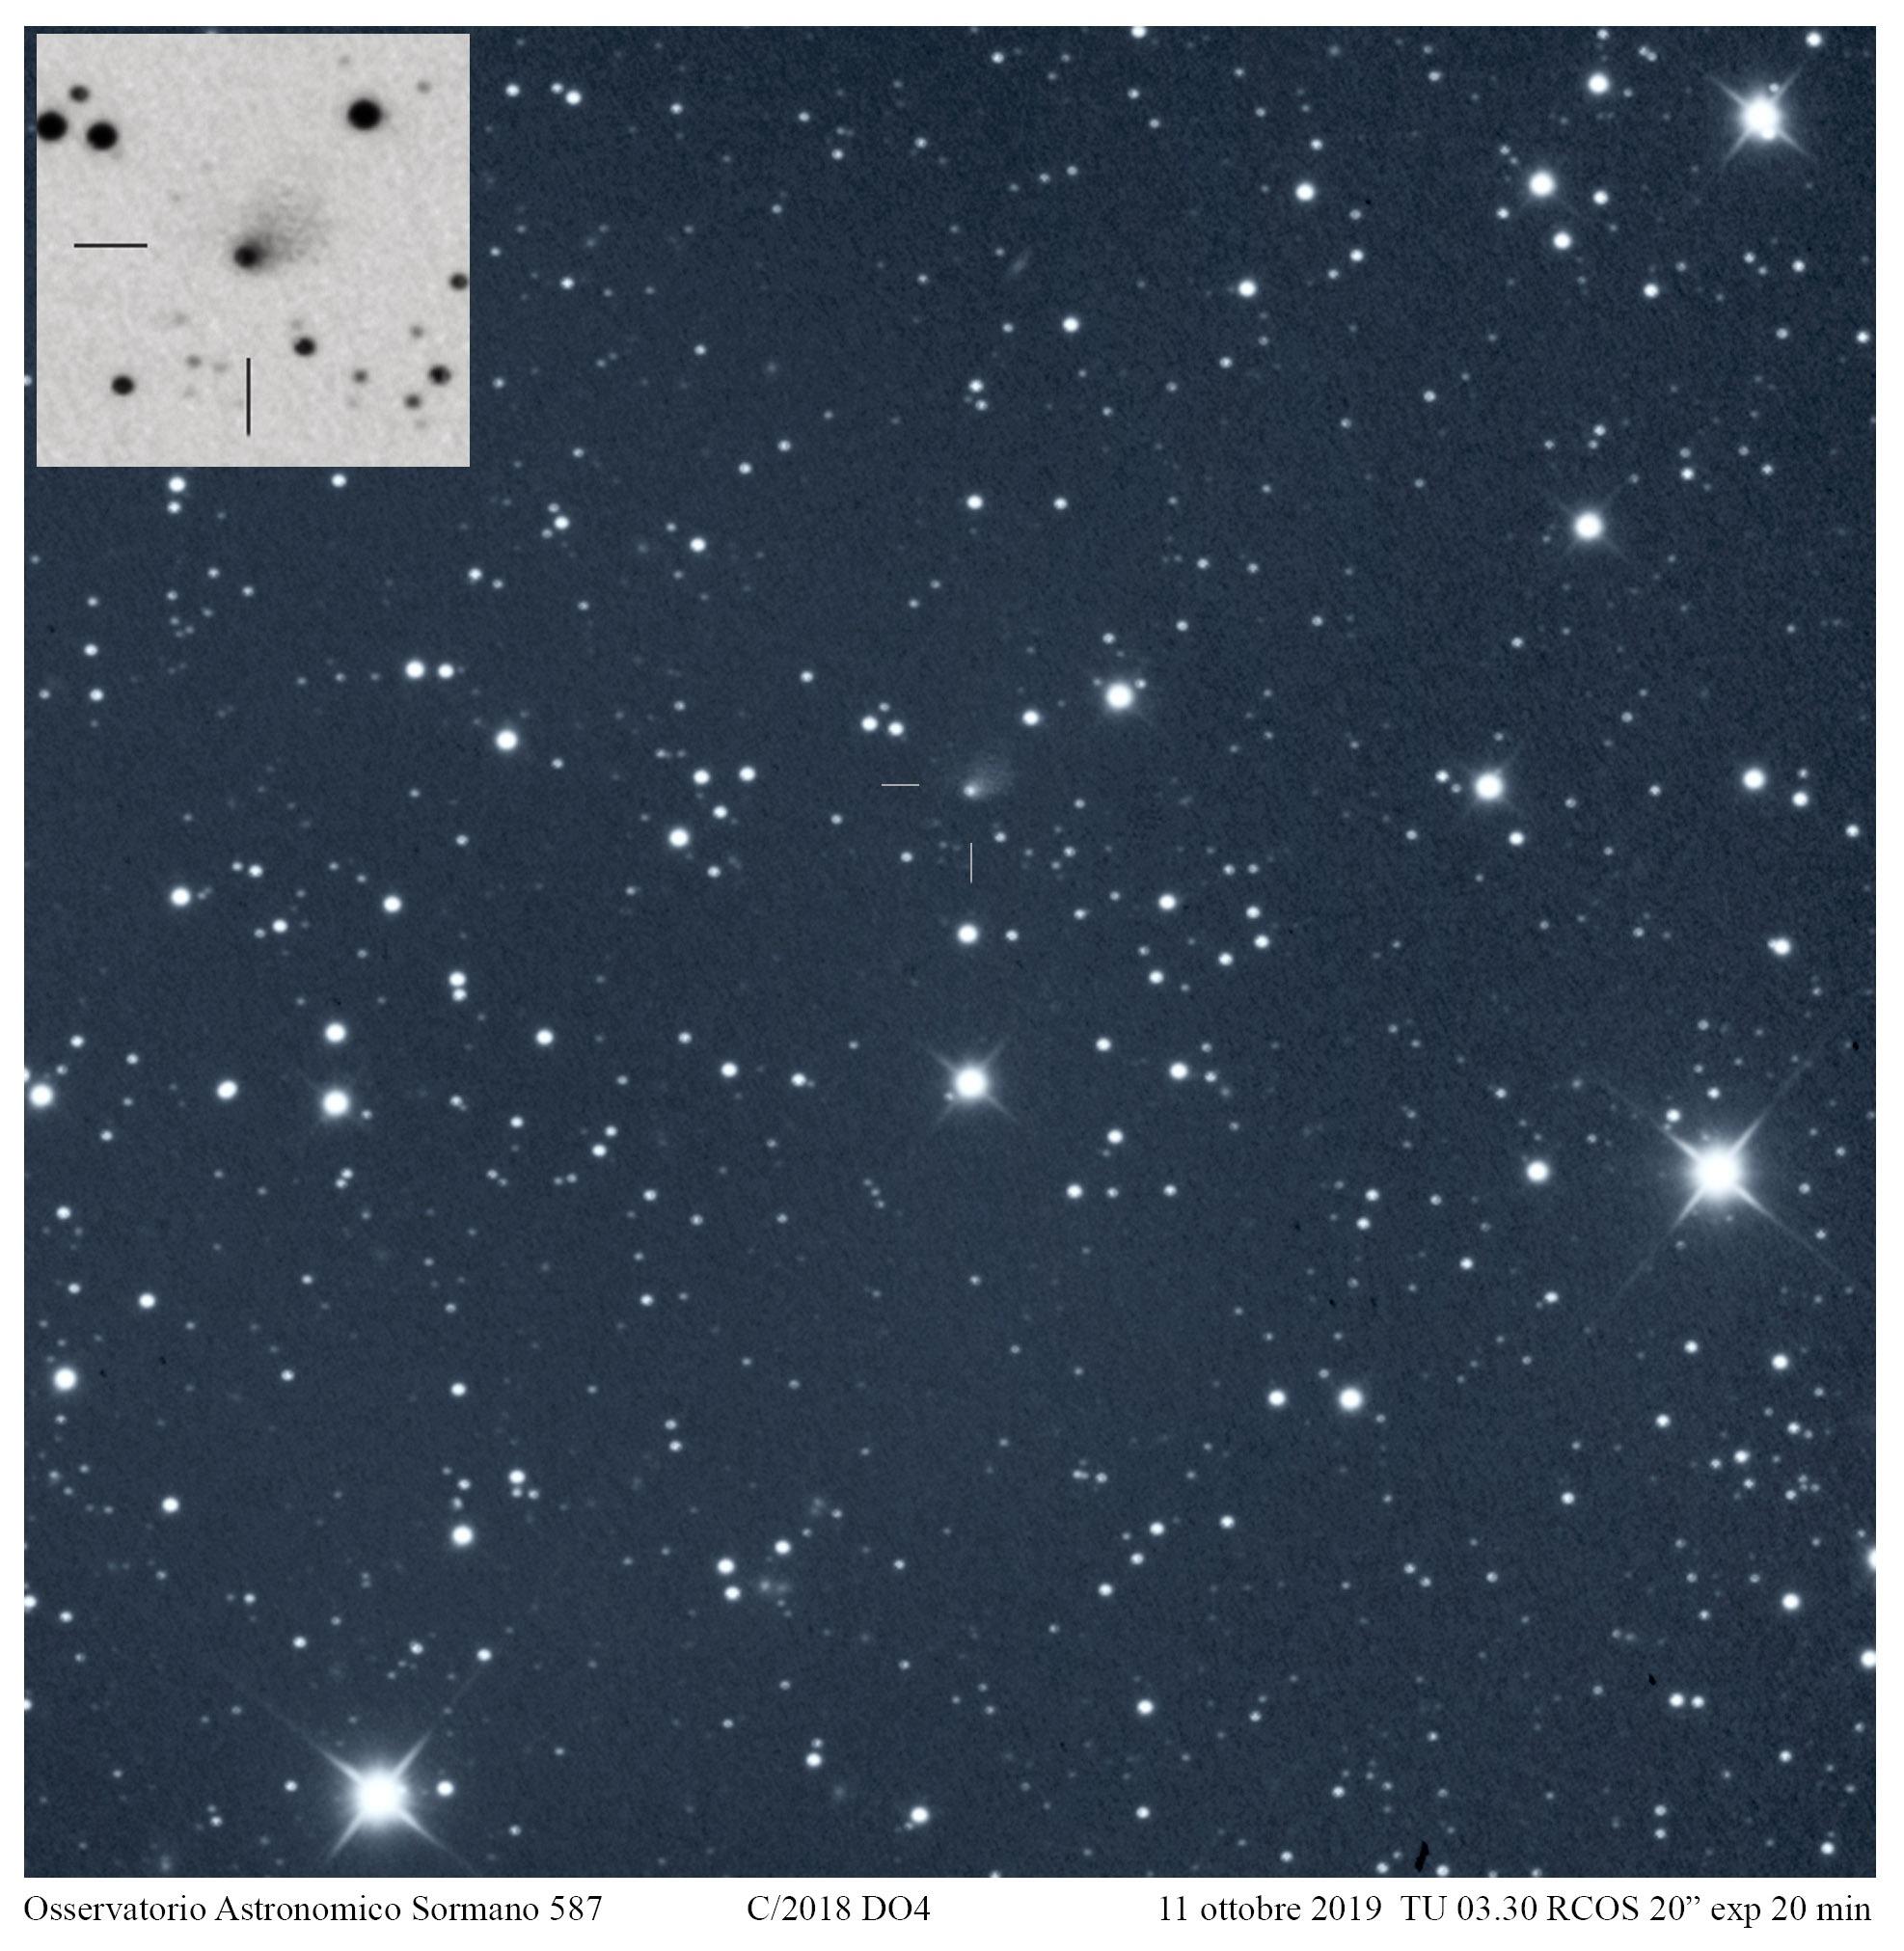 C/2018 DO4 l'asteroide diventato cometa